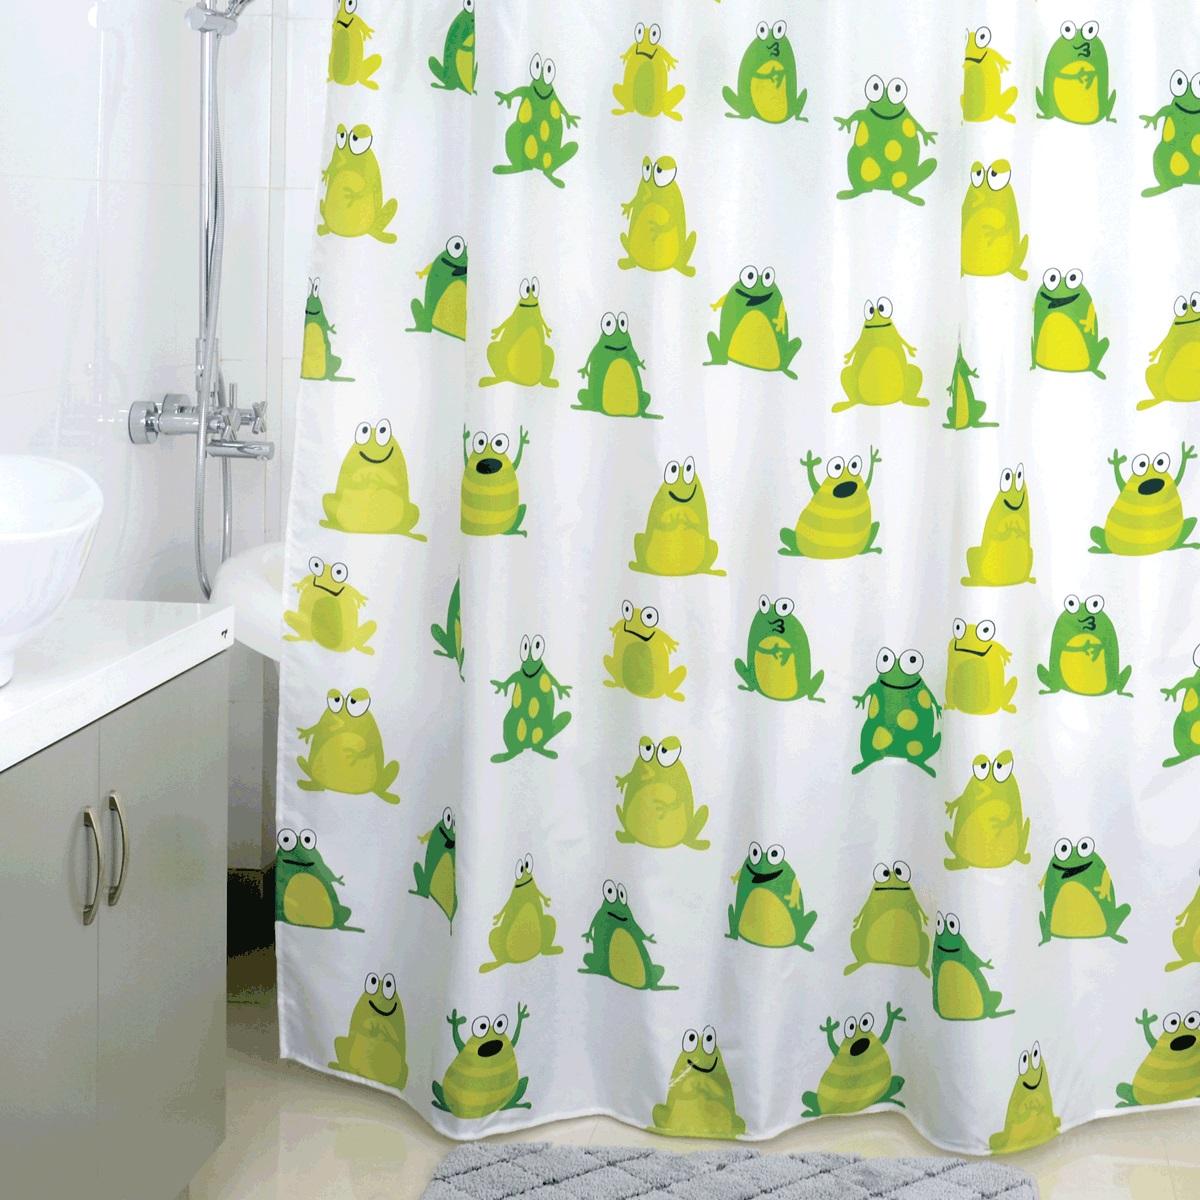 Штора для ванной Milardo Frogs Pool, цвет: мультиколор, 180 x 200 см890P180M11Материал: текстиль, 100% полиэстер, водоотталкивающая пропитка, упаковка ПВХ пакет, плотность 80 г/м, 12 пластиковых люверсов, 12 колец в комплекте, утяжеляющая нить.